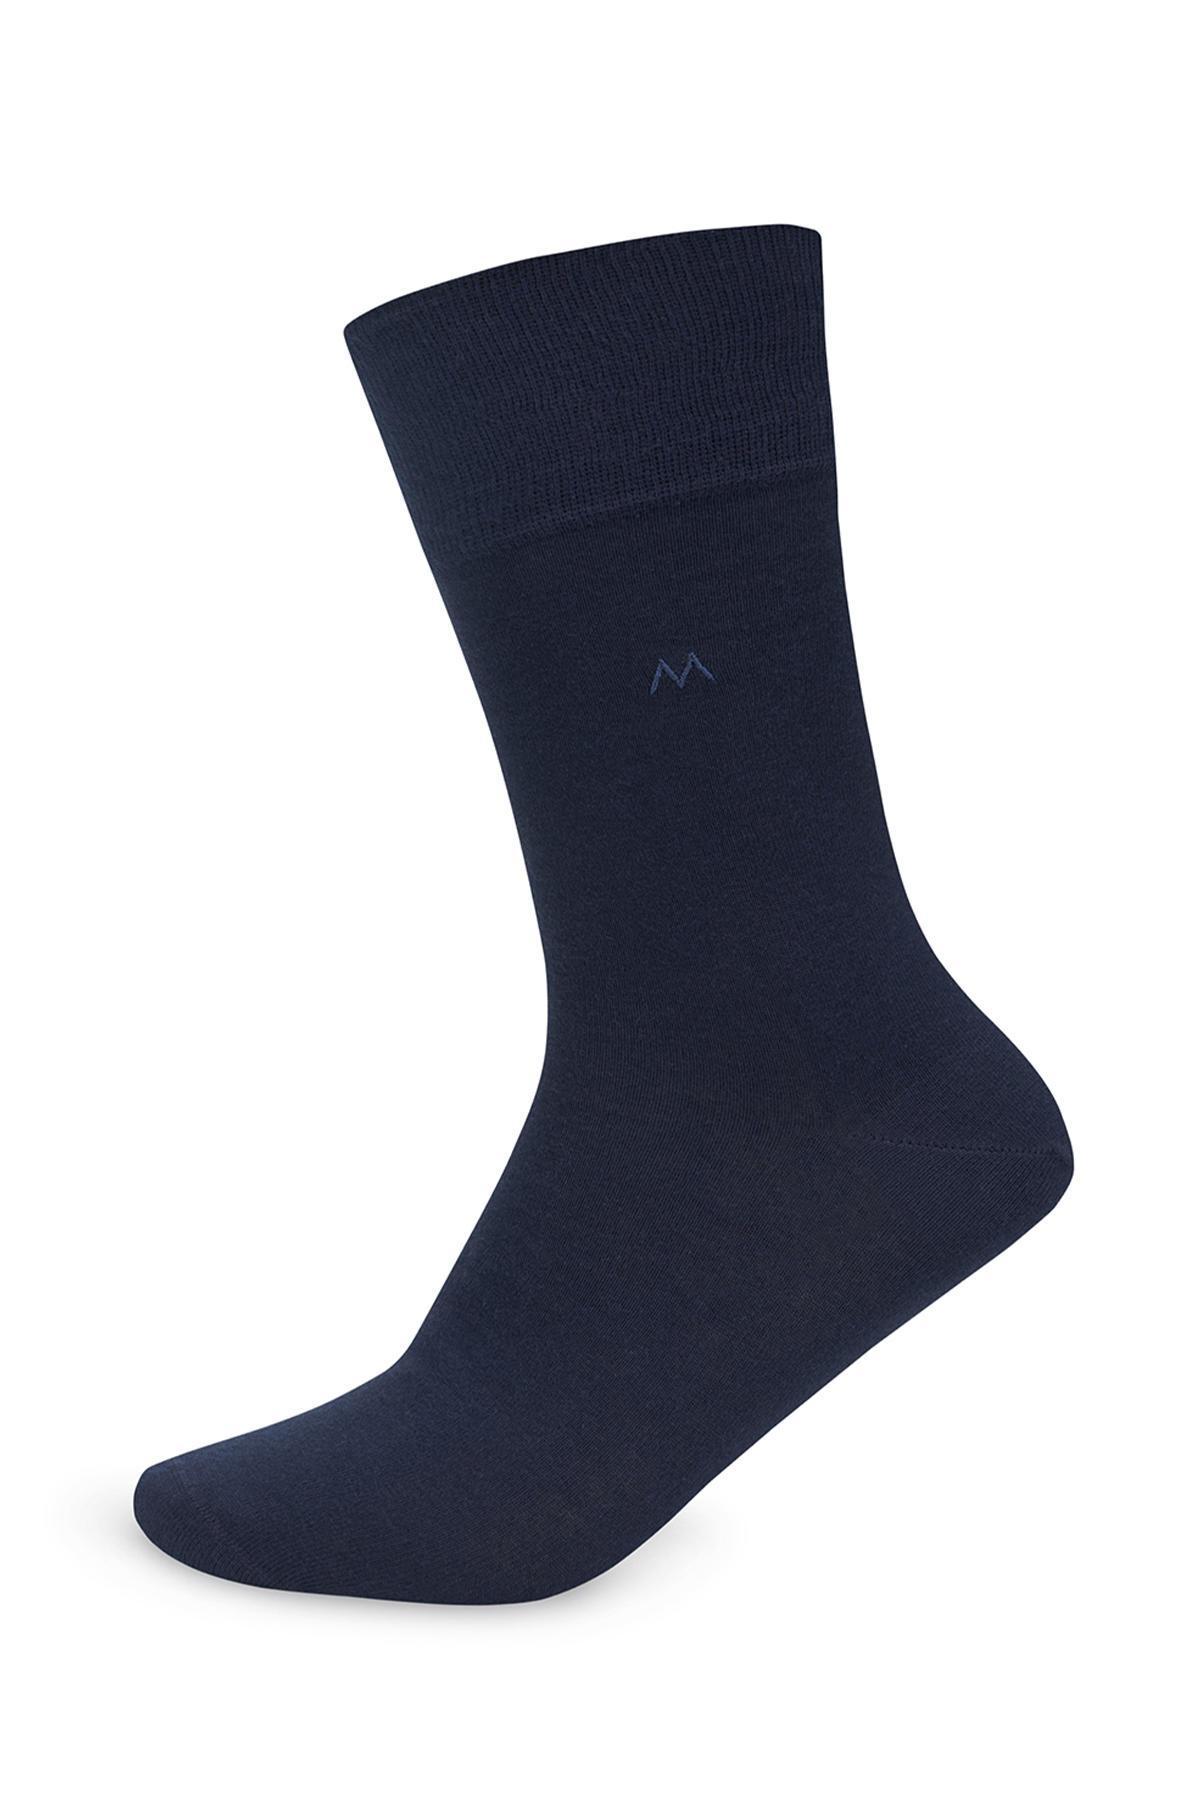 Pamuklu Lacivert Yazlık Çorap